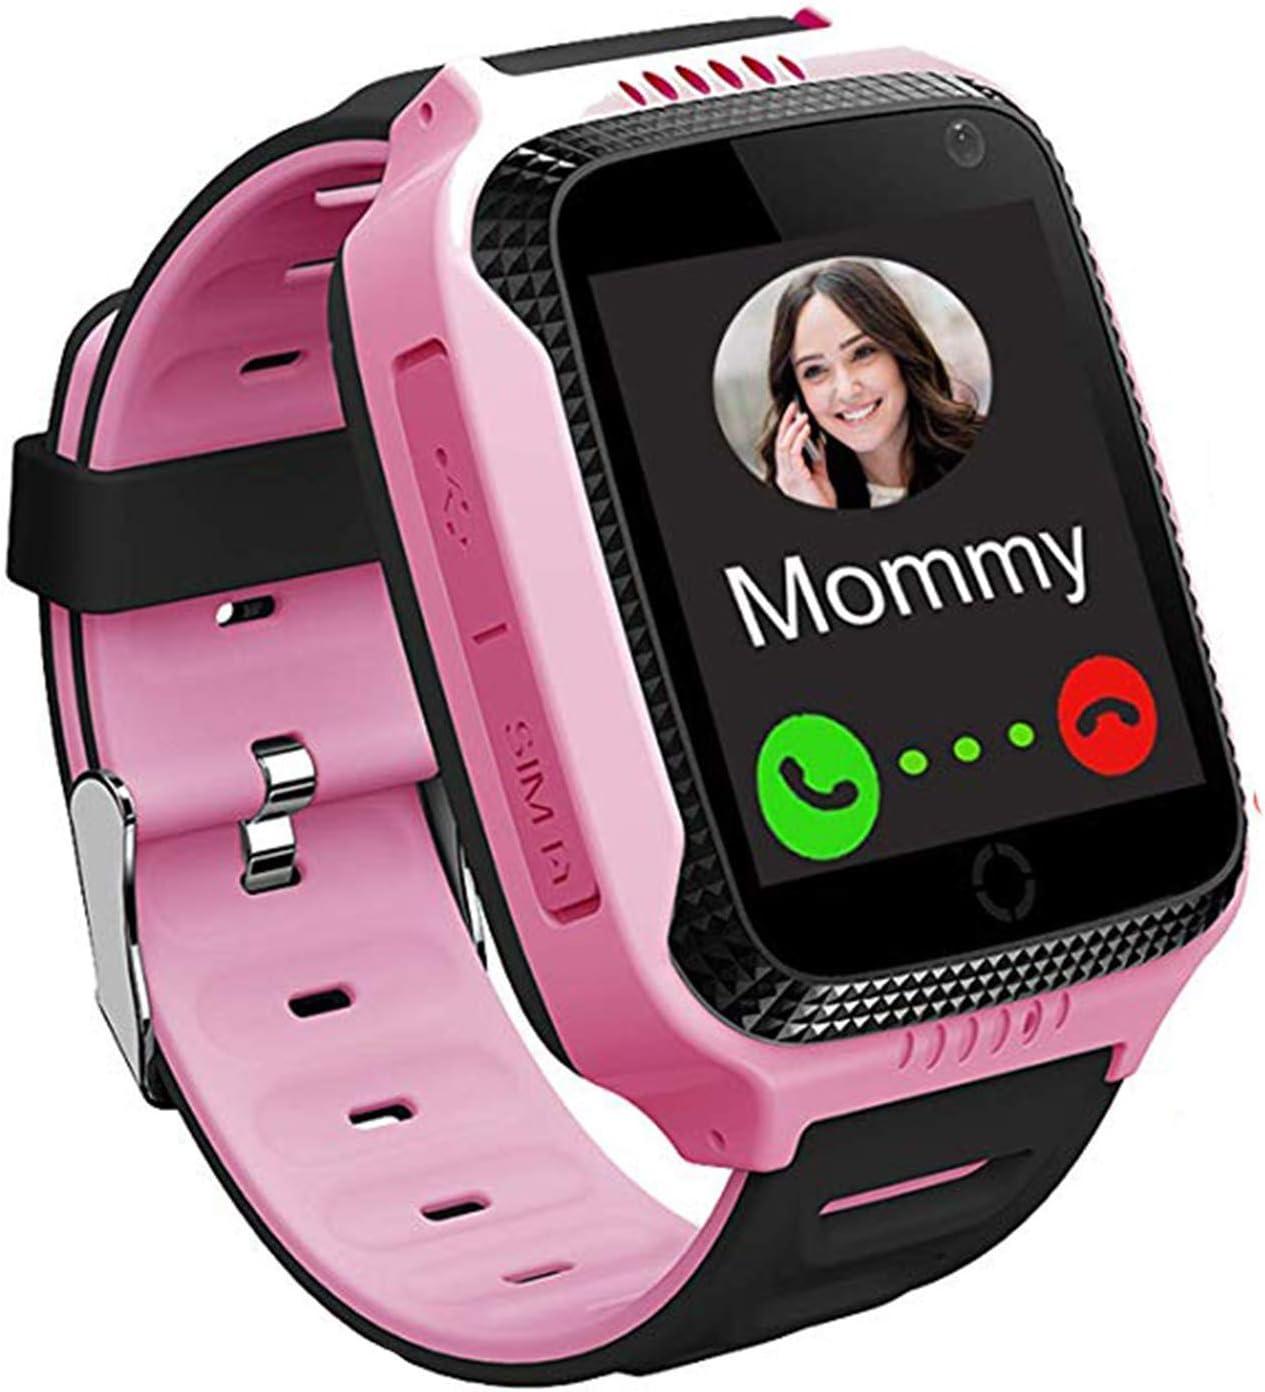 Winnes Smartwatch Niños, Reloj Inteligente para Niños con GPS, Hacer Llamadas, Chat de Voz, SOS, Cámara, Juegos para Niño niña de 3 a 12 años Compatible con iOS/Android (Rosa)